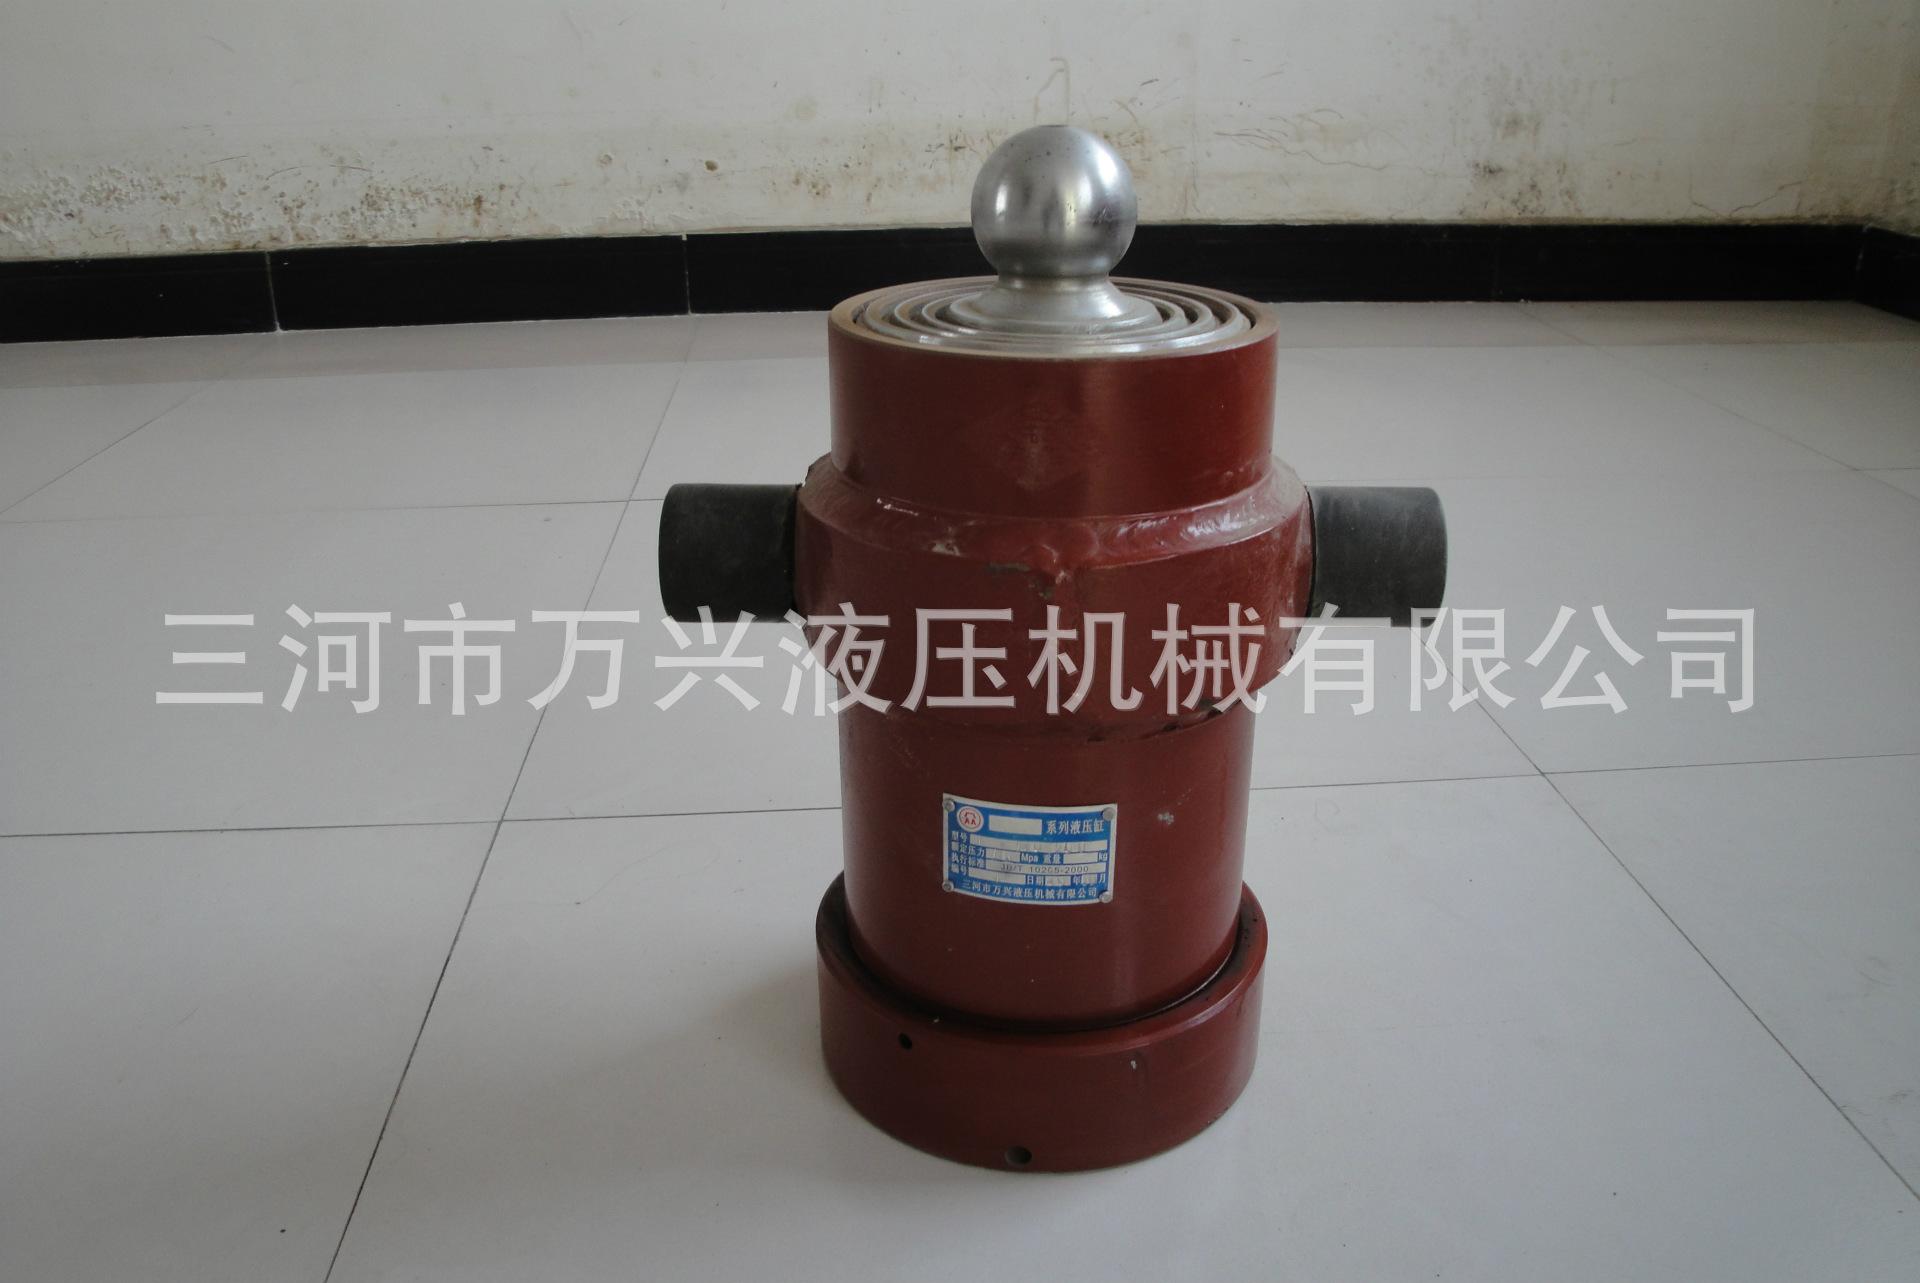 定做液压油缸伸缩式液压缸套筒液压缸多级液压缸液压件侧翻液压缸图片